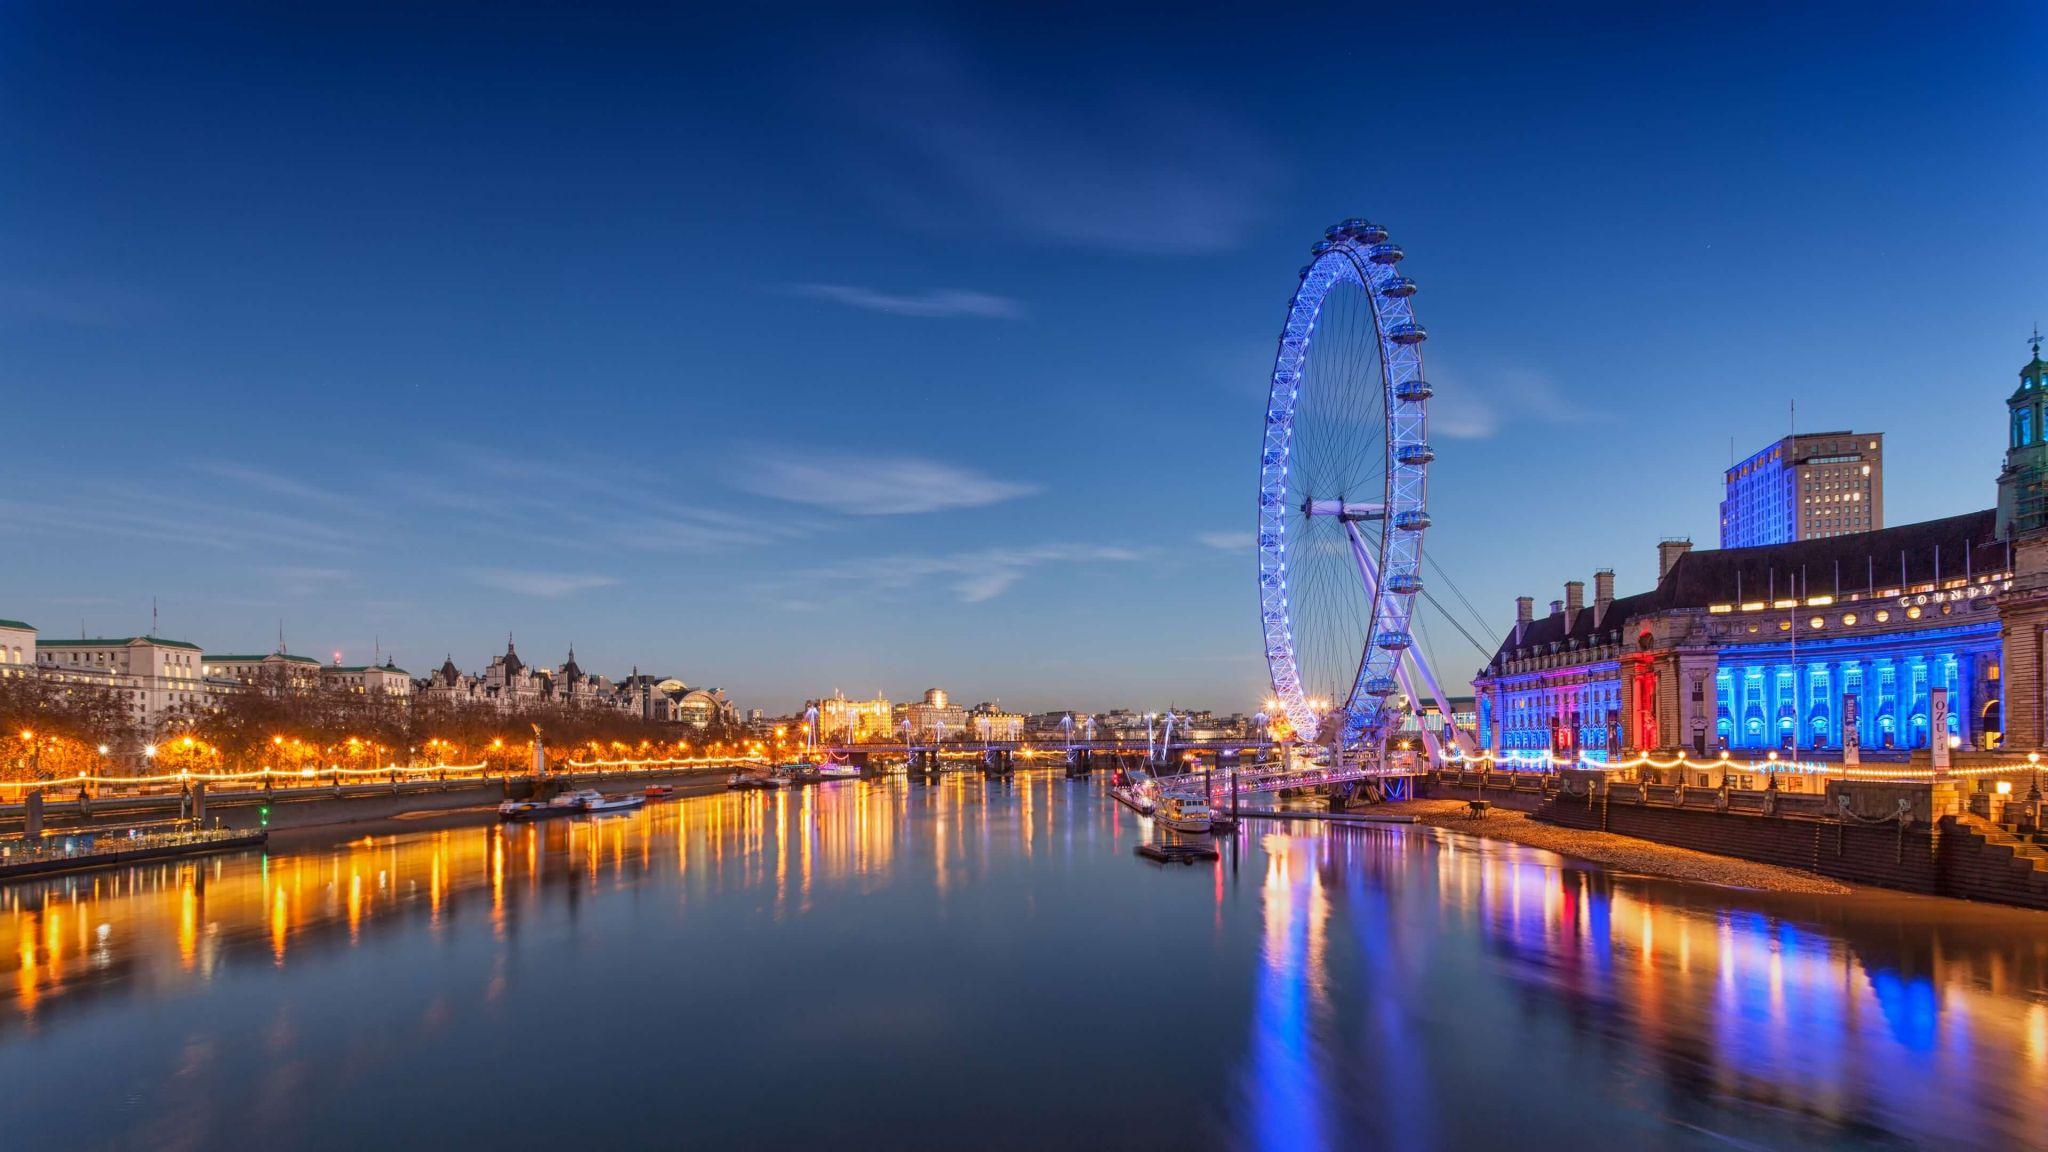 family weekend in London - the London Eye